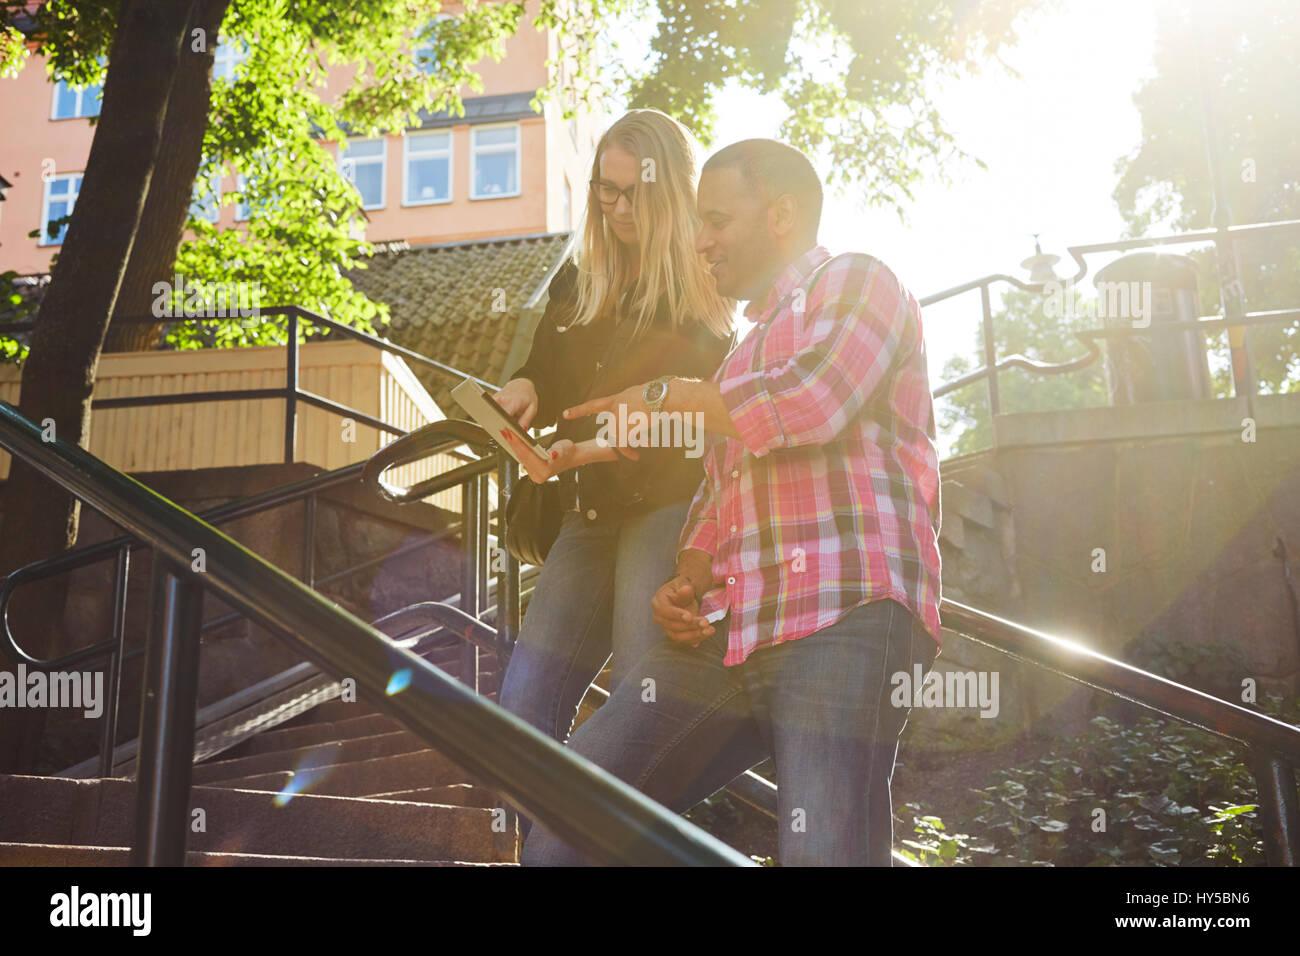 Schweden, Mann und Frau, nebeneinander auf digital Tablet im Sonnenlicht Stockbild